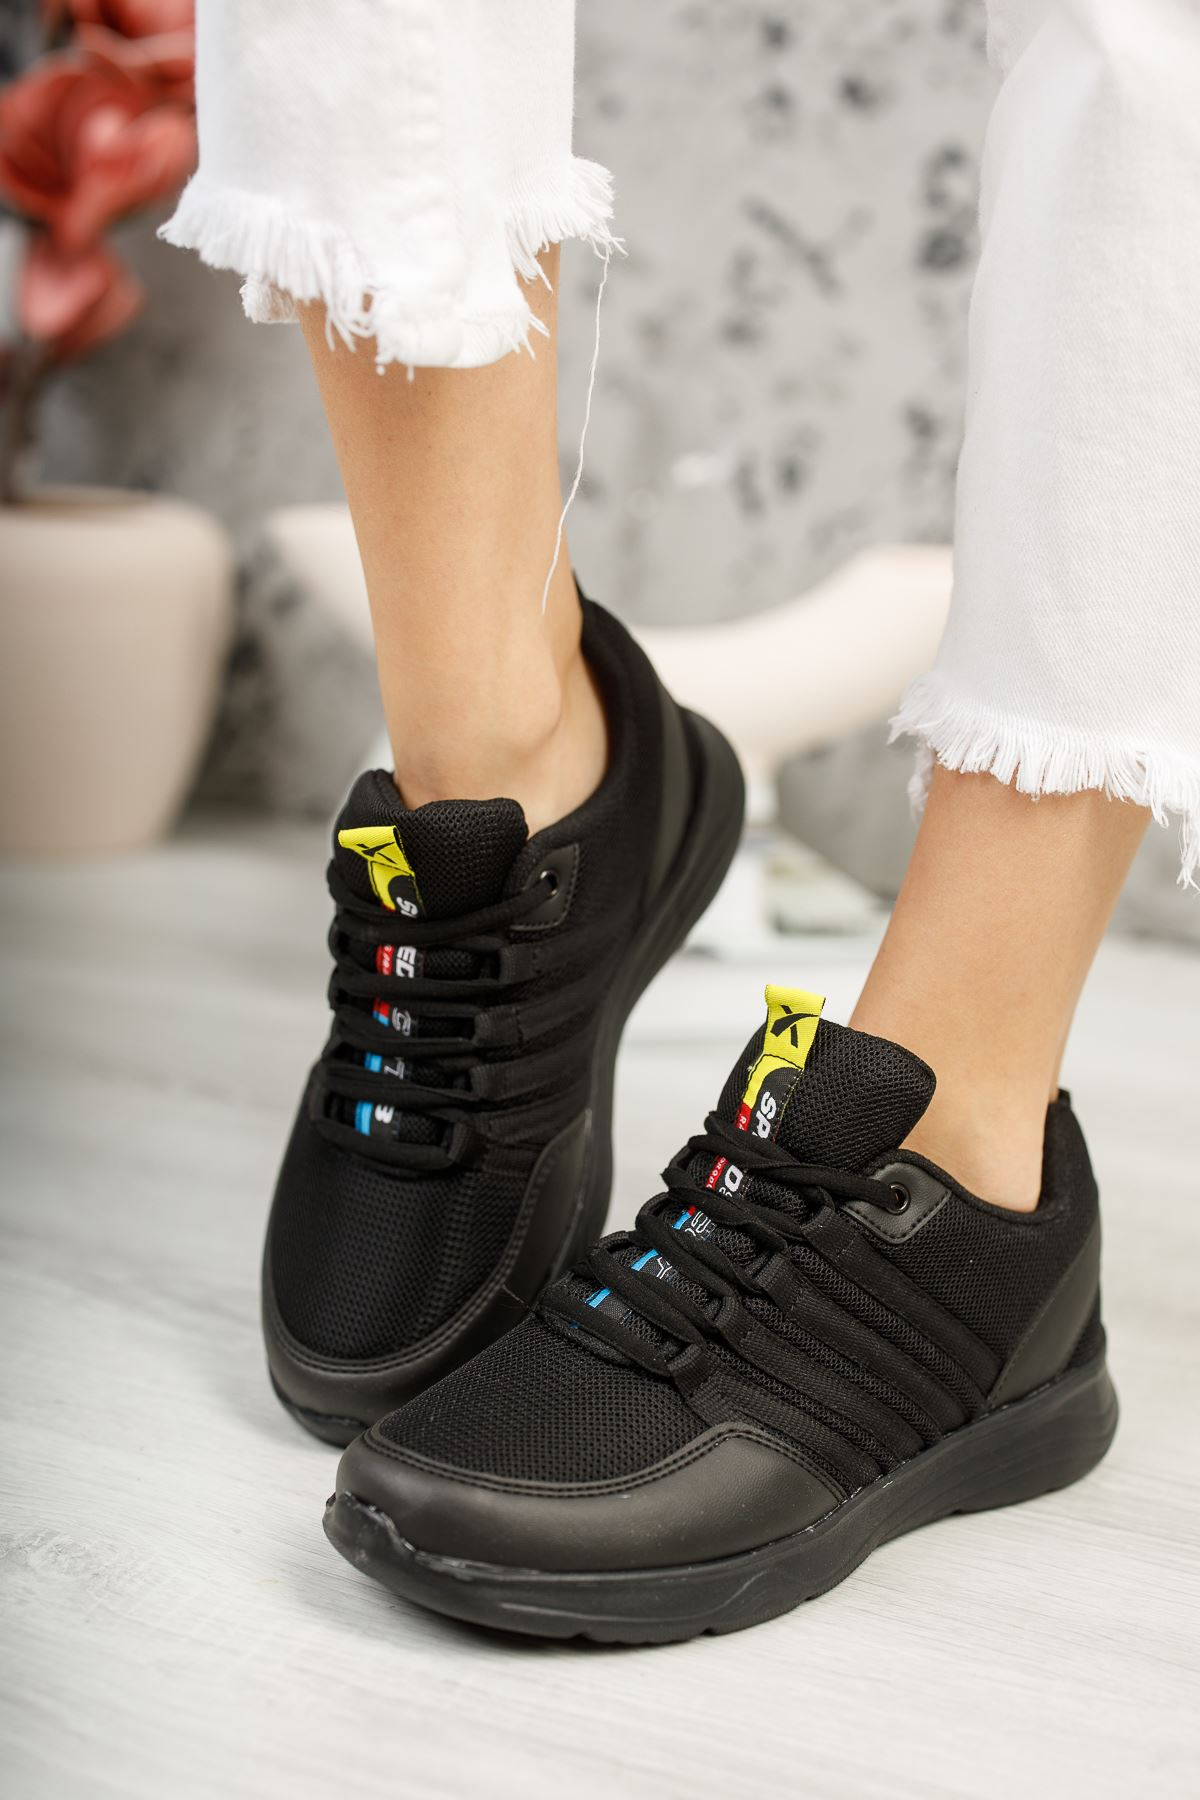 Paşi Siyah Kadın Spor Ayakkabı